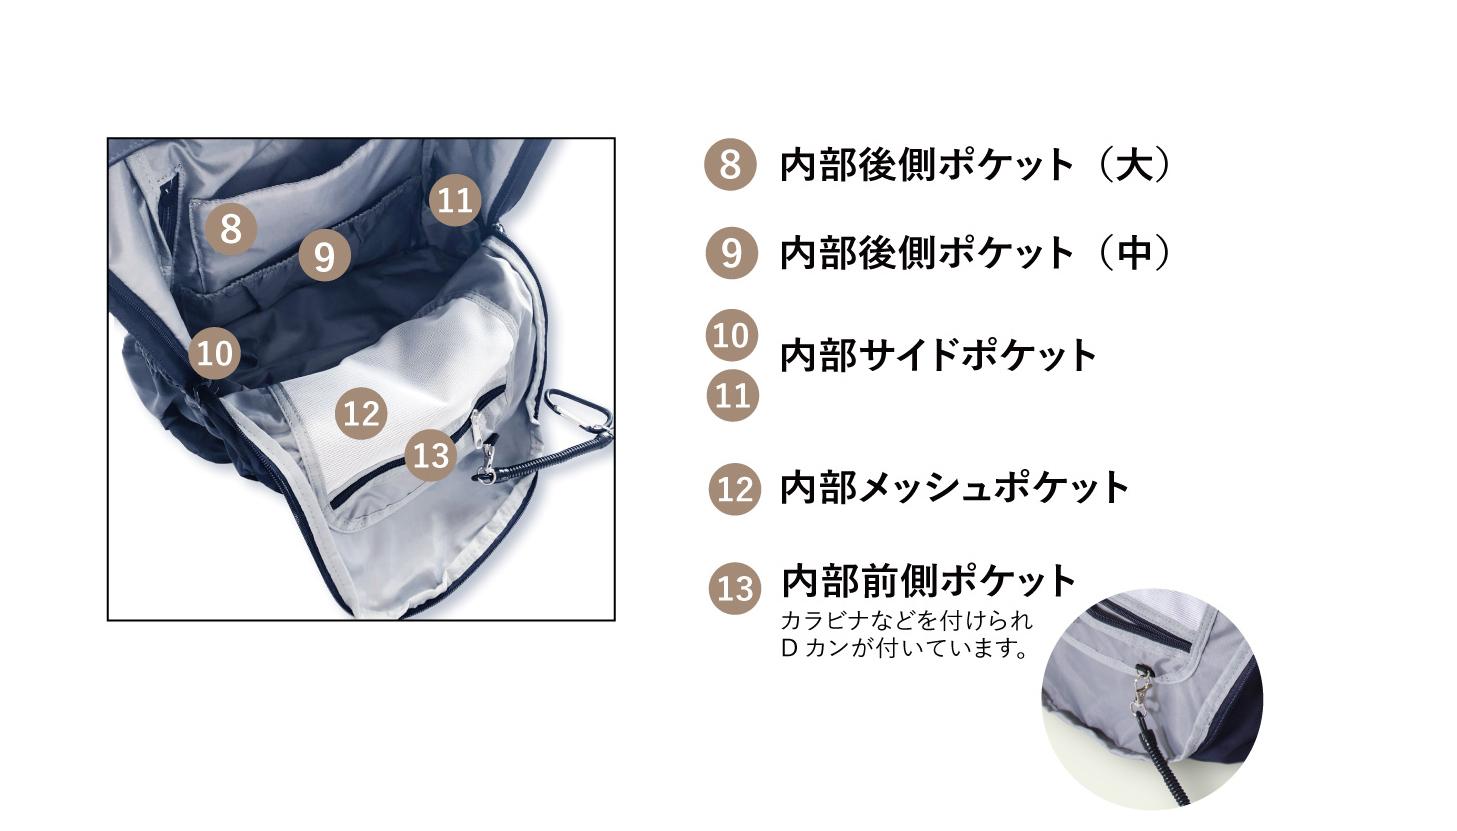 内部後ろ側ポdケット(大) 内部後ろ側ポケット(中)内部サイドポケット 内部メッシュポケット 内部前側ポケット カラビナなどをつけられDカンが付いています。